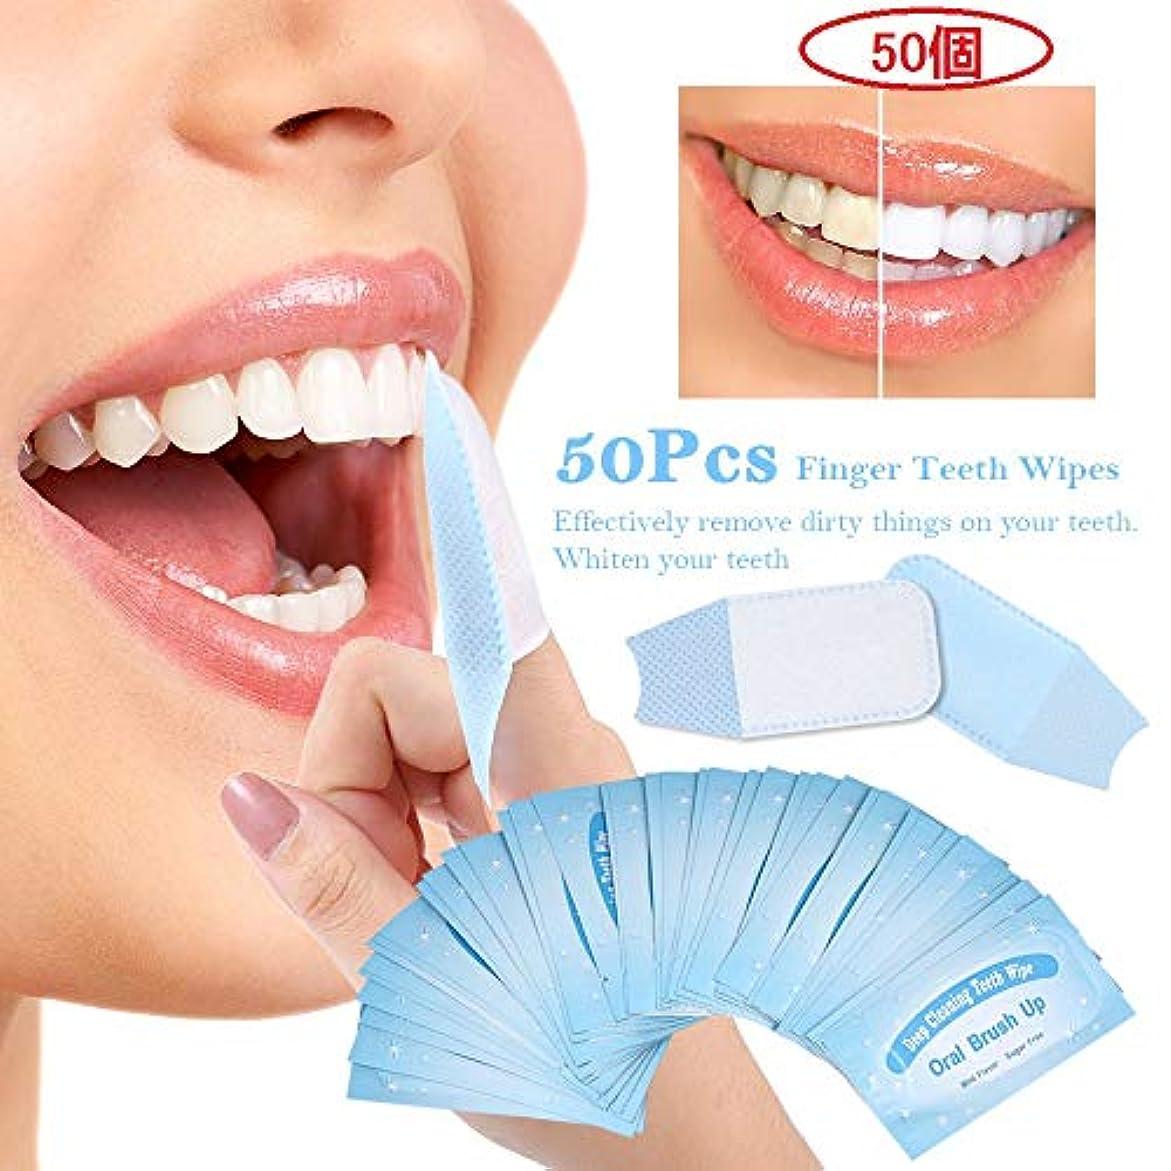 奇跡的な選出する責任者50個-口腔衛生指の歯ワイプ歯ブラシアップワイプ歯科用ディープクリーニング歯のホワイトニングツール歯科口腔ケア